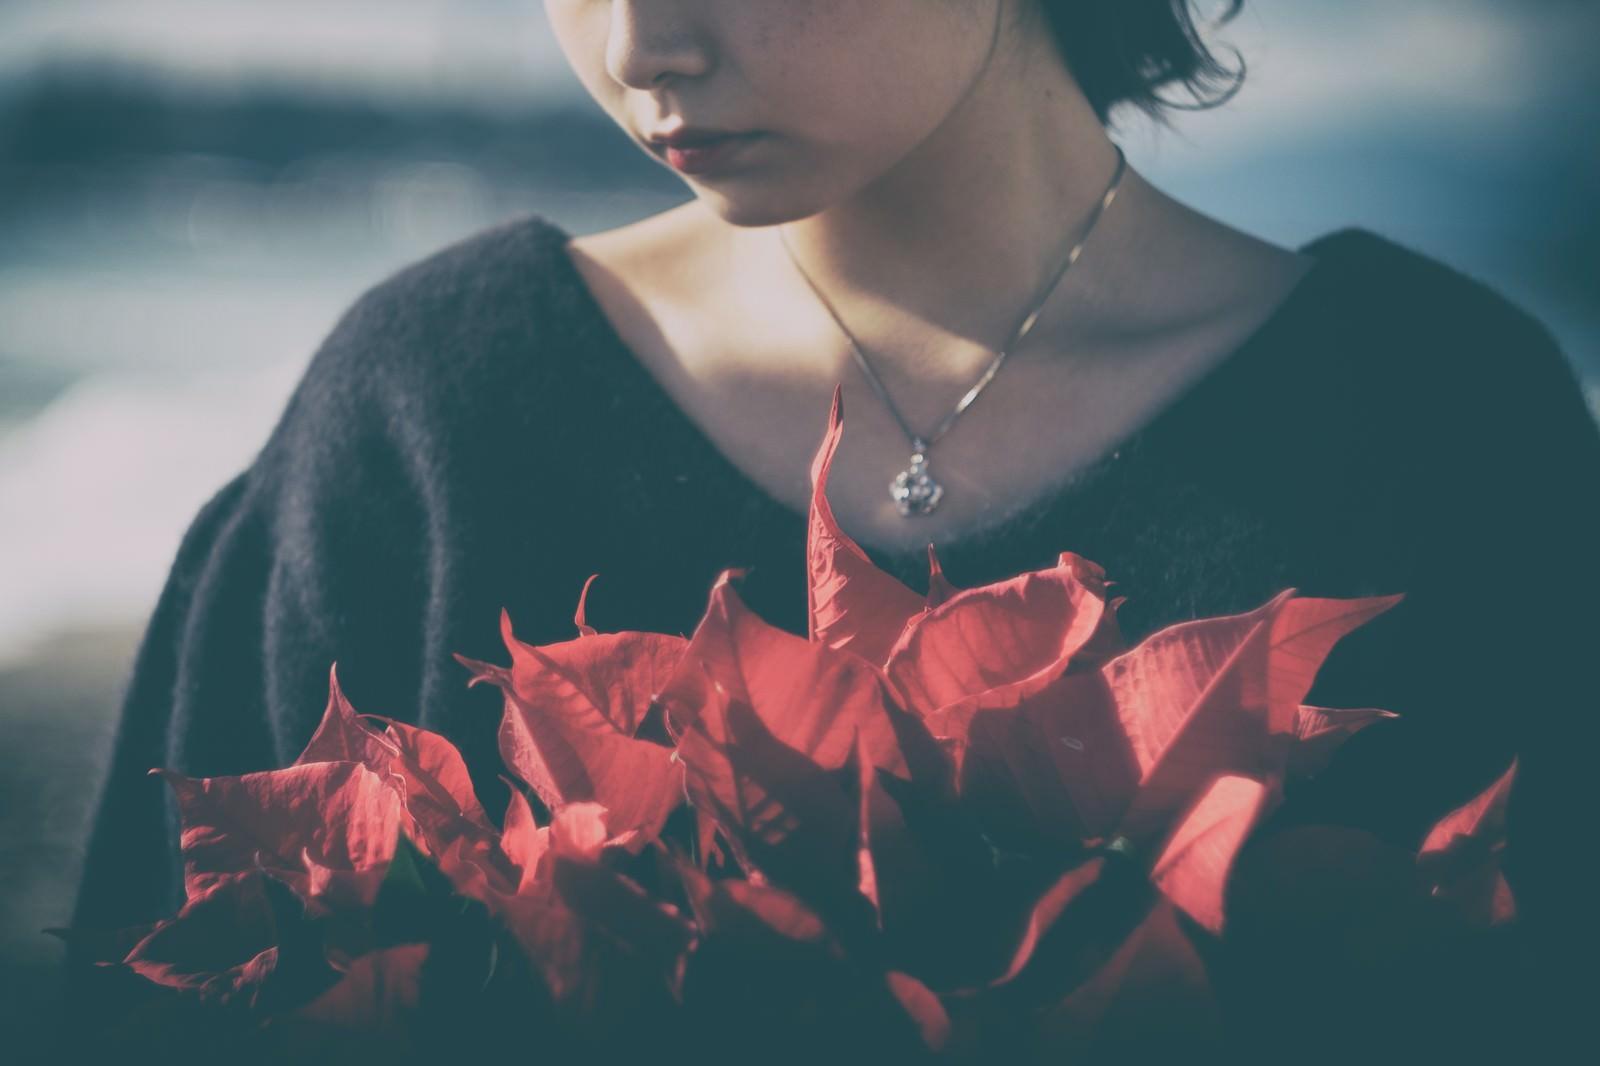 「赤いポインセチアと虚ろな女性 | 写真の無料素材・フリー素材 - ぱくたそ」の写真